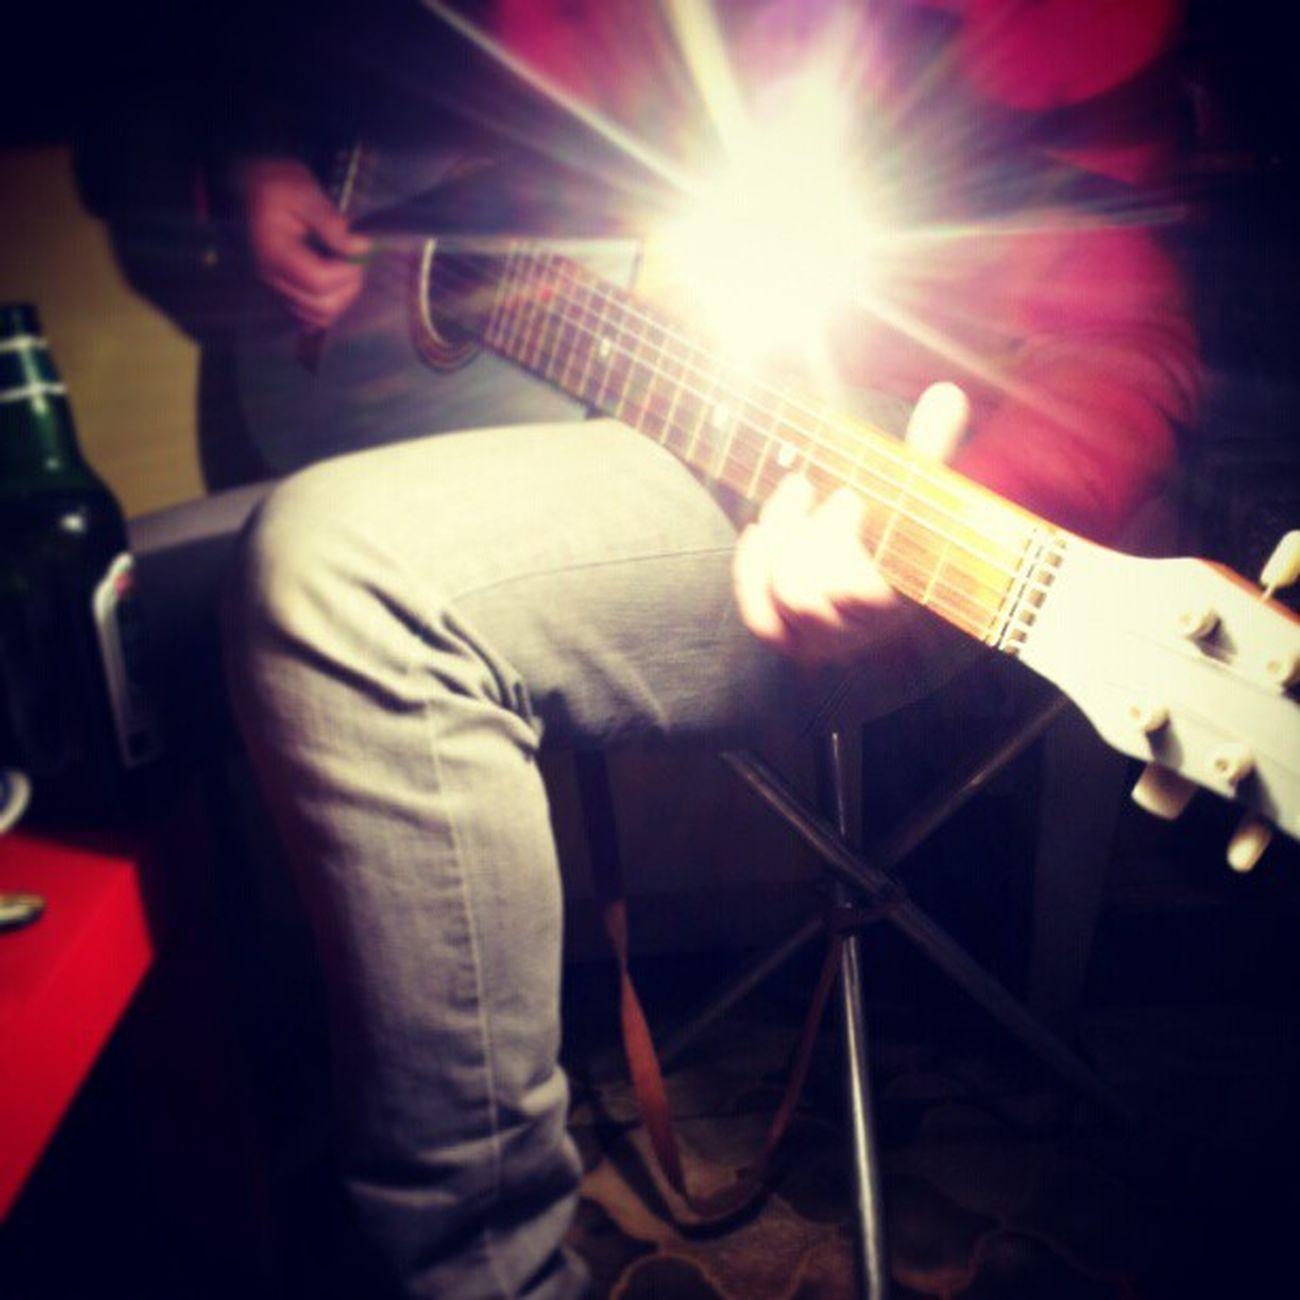 Guitar Light Przeprowadzka Patguzik